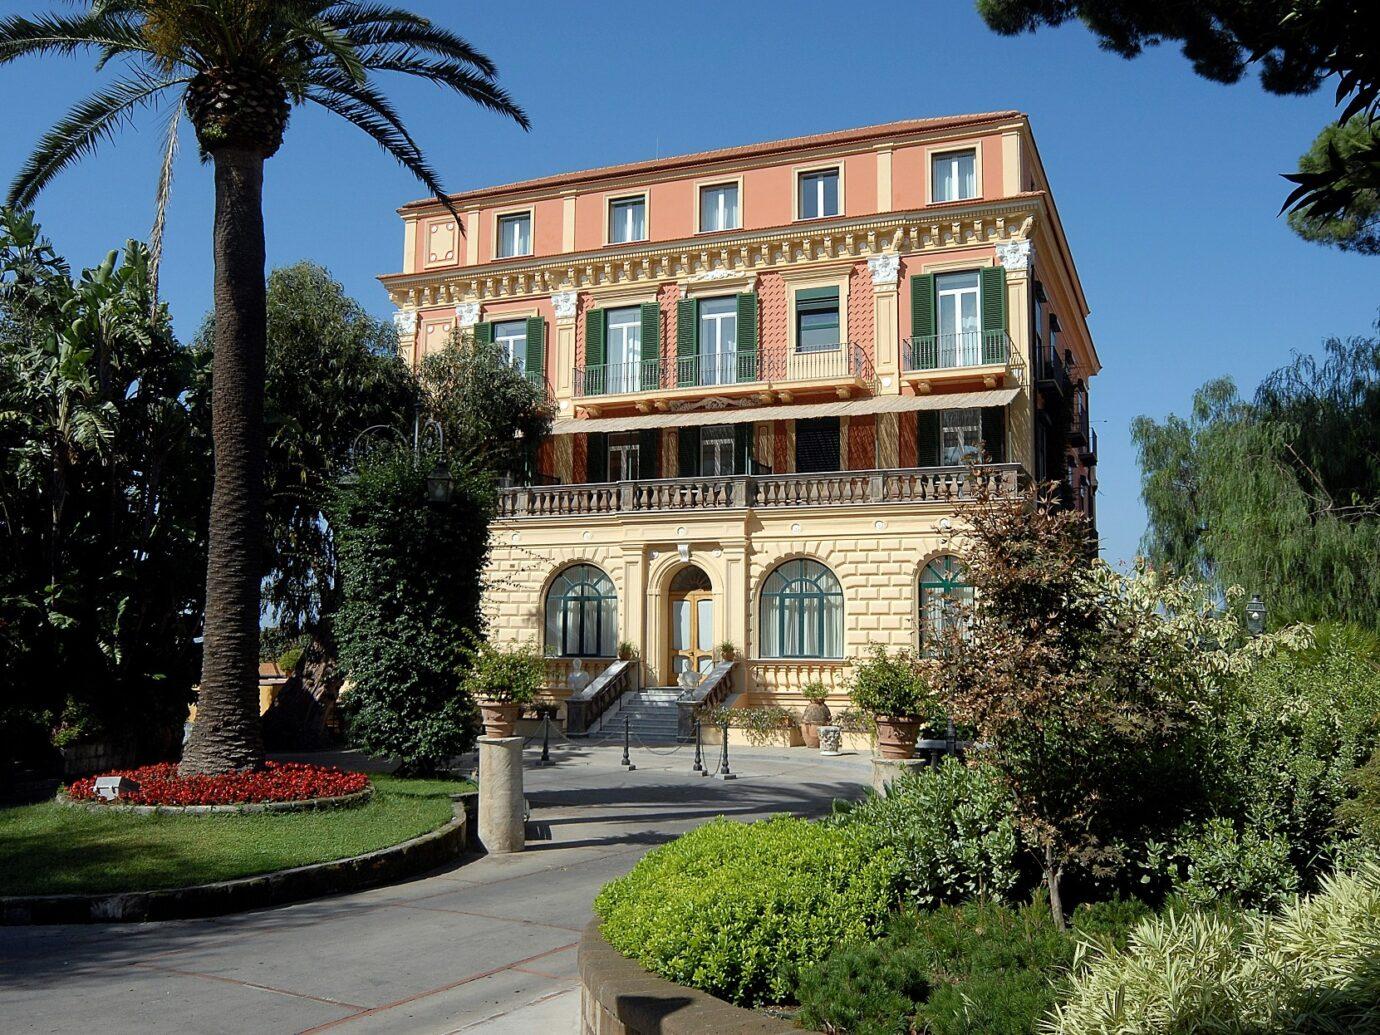 Exterior of Grand Hotel Excelsior Vittoria